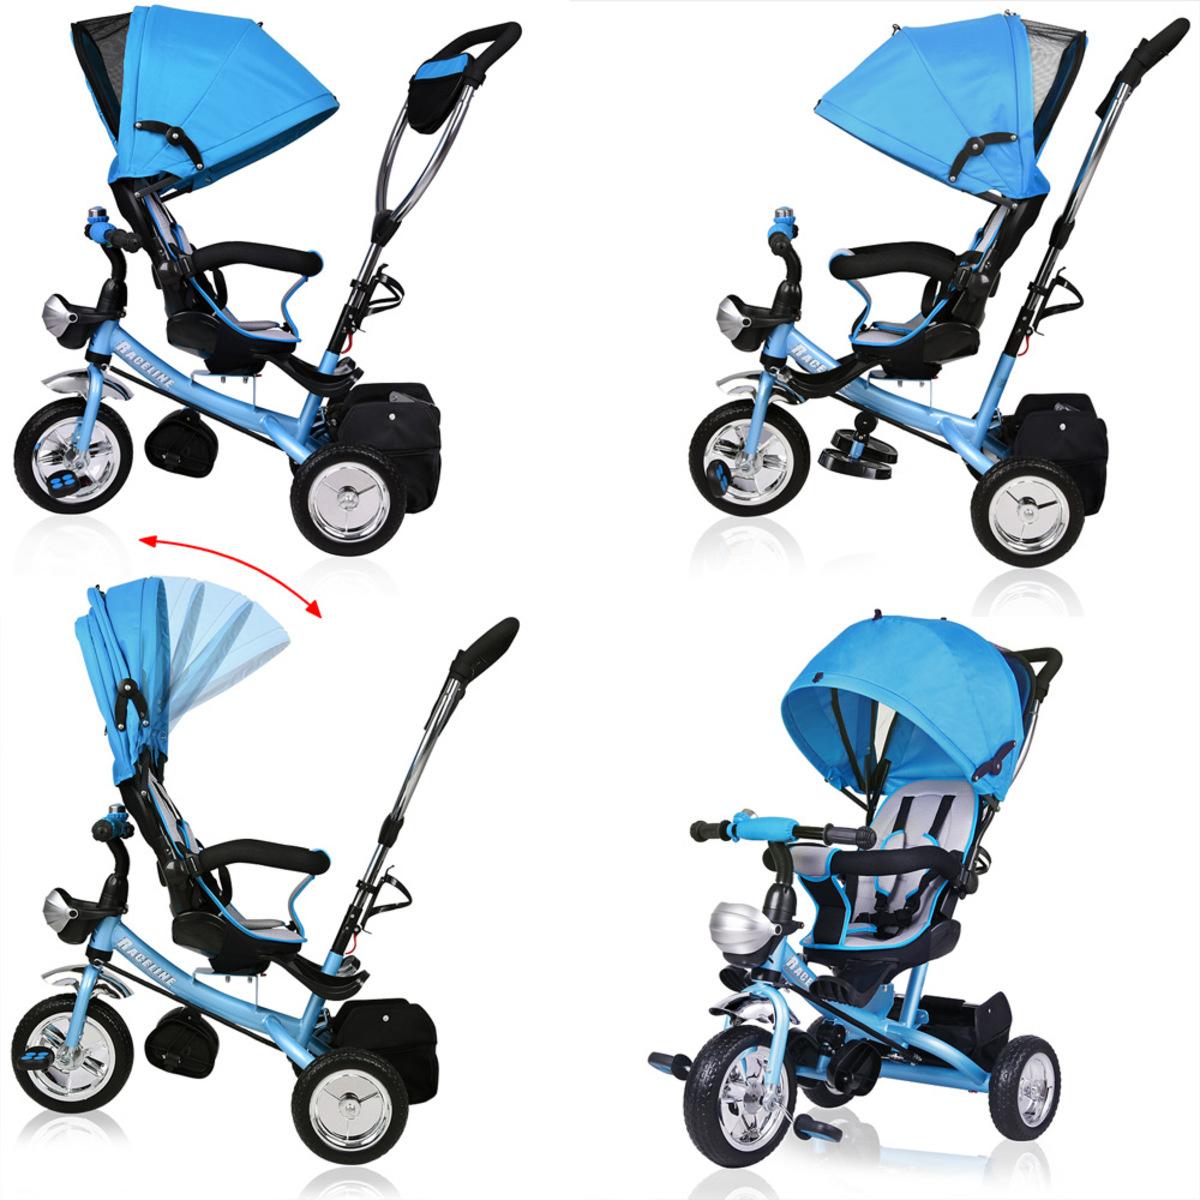 Bild 1 von Deuba Kinderdreirad - Blau